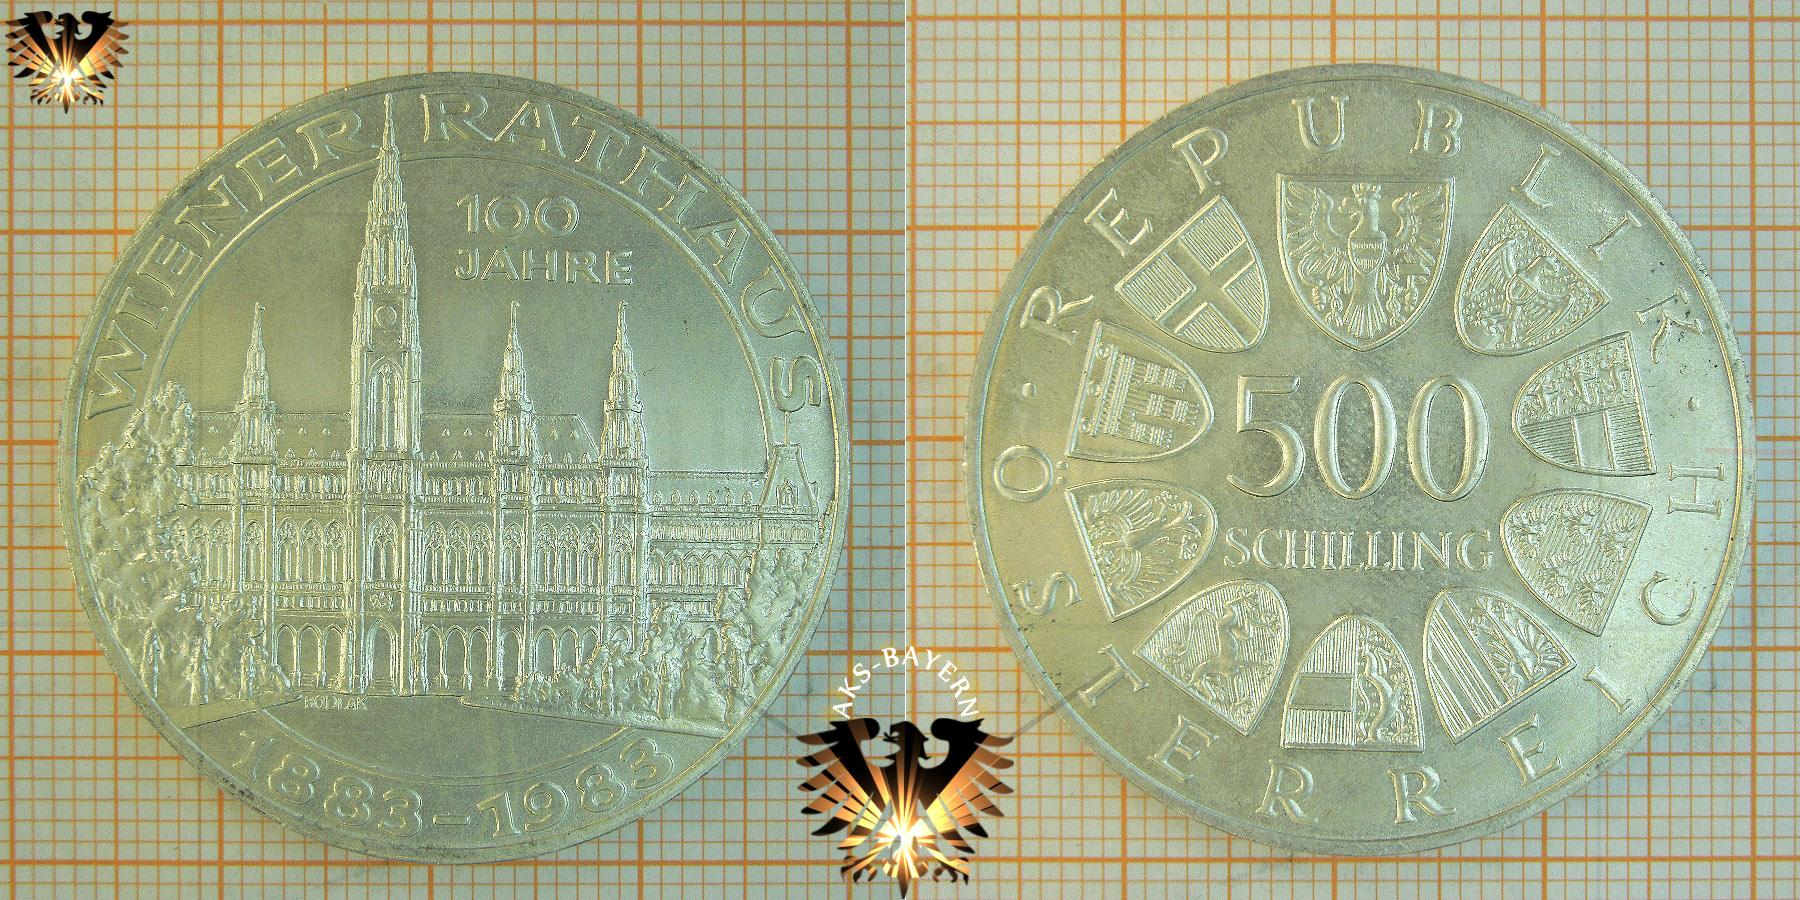 500 Schilling 1983 100 Jahre Wiener Rathaus Münze österreich